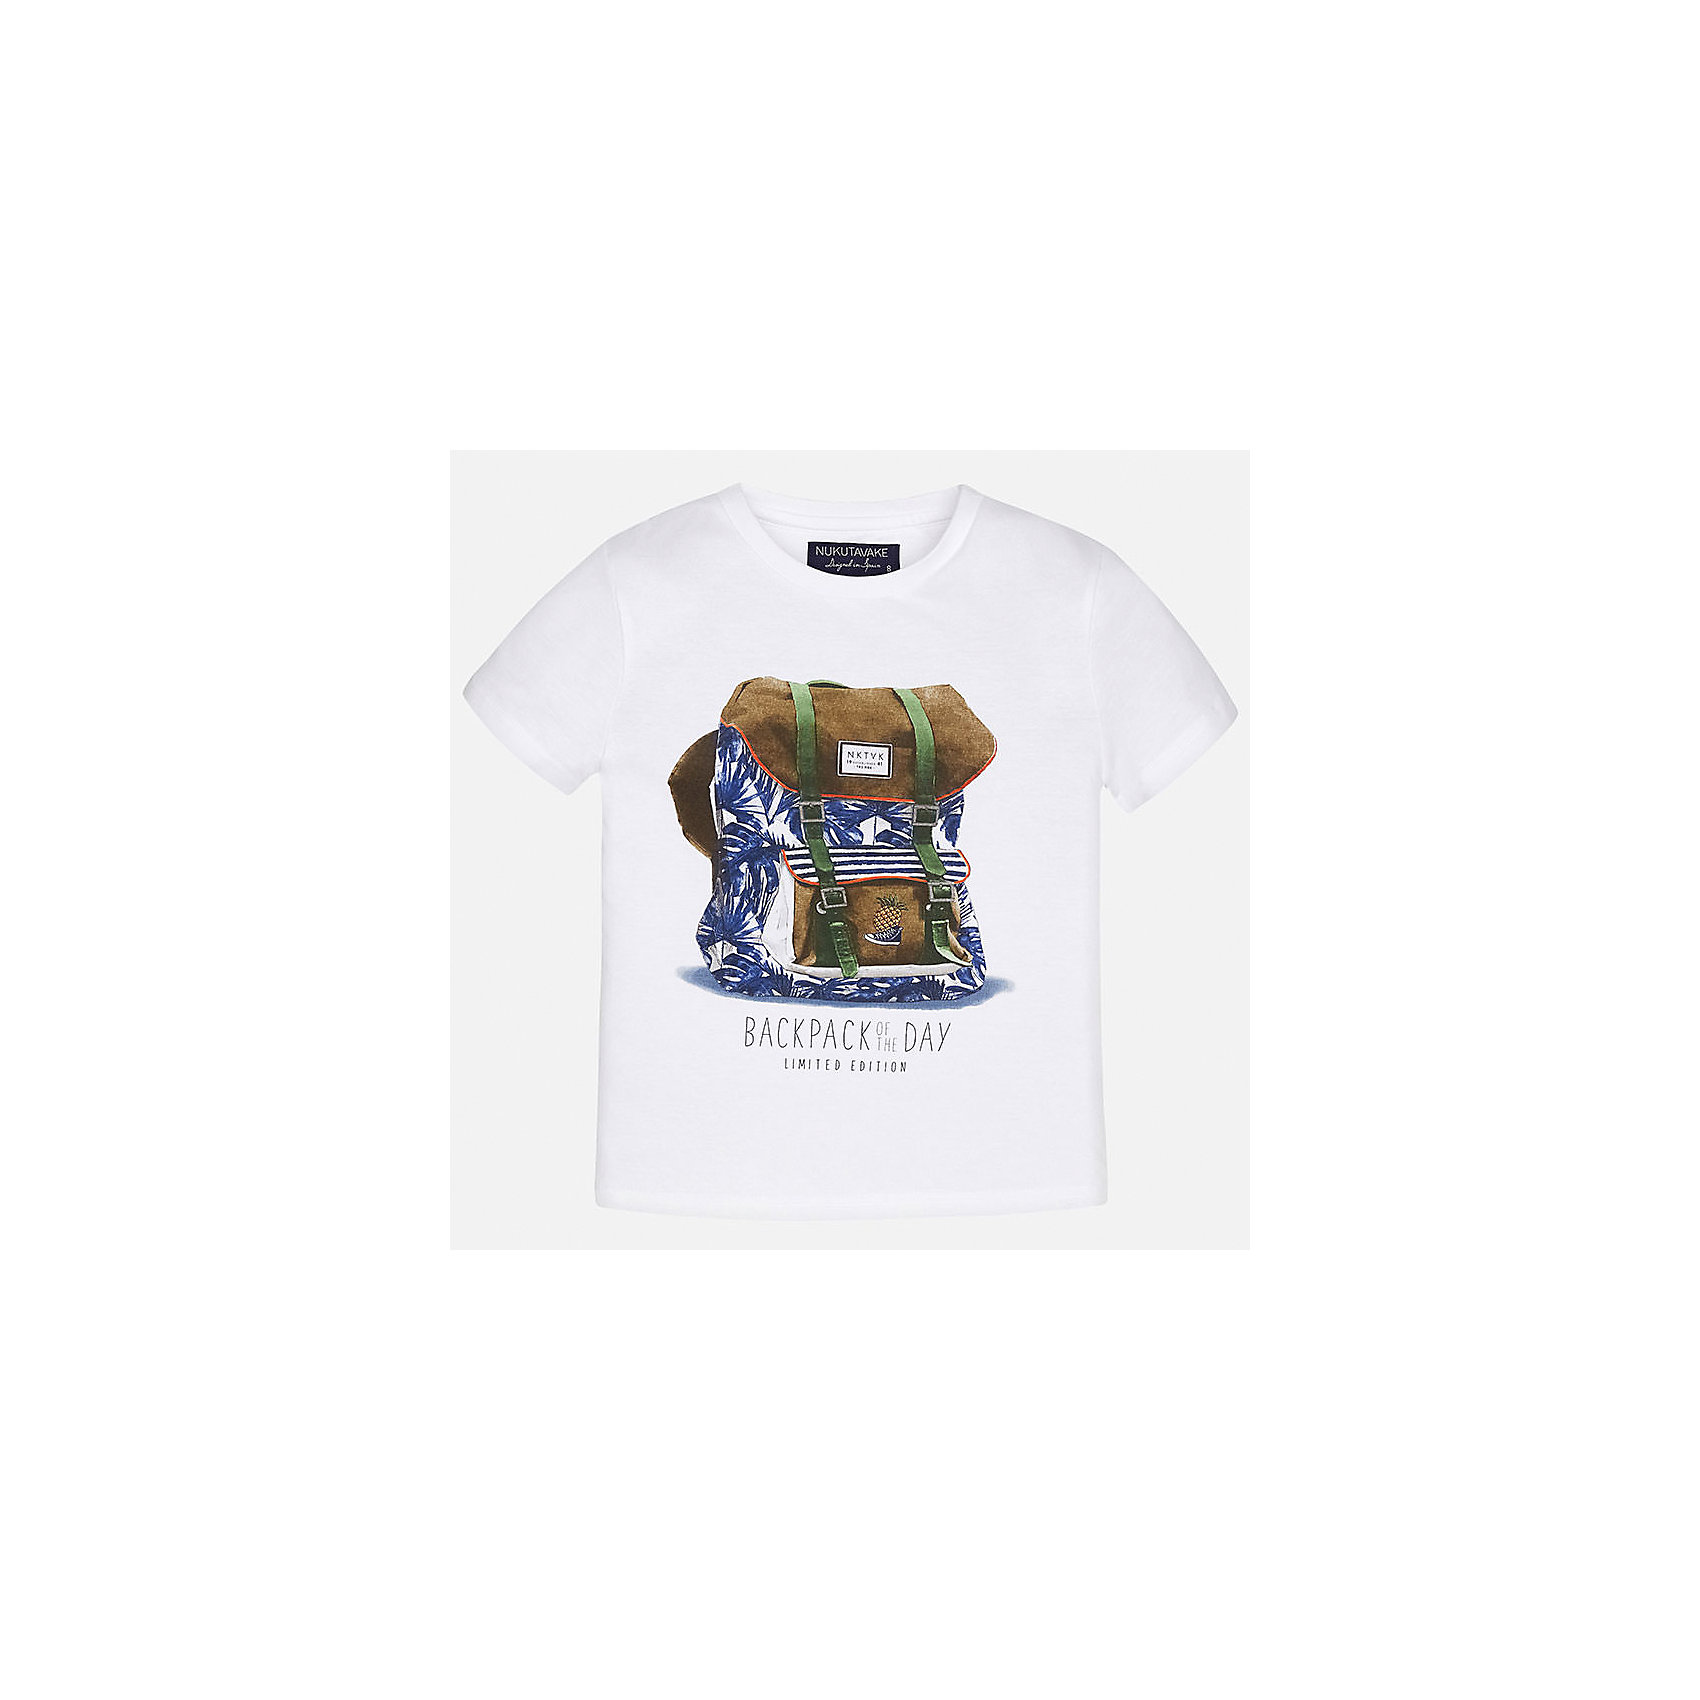 Футболка для мальчика MayoralФутболки, поло и топы<br>Характеристики товара:<br><br>• цвет: белый<br>• состав: 100% хлопок<br>• круглый горловой вырез<br>• декорирована принтом<br>• короткие рукава<br>• мягкая отделка горловины<br>• страна бренда: Испания<br><br>Стильная удобная футболка с принтом поможет разнообразить гардероб мальчика. Она отлично сочетается с брюками, шортами, джинсами. Универсальный крой и цвет позволяет подобрать к вещи низ разных расцветок. Практичное и стильное изделие! Хорошо смотрится и комфортно сидит на детях. В составе материала - только натуральный хлопок, гипоаллергенный, приятный на ощупь, дышащий. <br><br>Одежда, обувь и аксессуары от испанского бренда Mayoral полюбились детям и взрослым по всему миру. Модели этой марки - стильные и удобные. Для их производства используются только безопасные, качественные материалы и фурнитура. Порадуйте ребенка модными и красивыми вещами от Mayoral! <br><br>Футболку для мальчика от испанского бренда Mayoral (Майорал) можно купить в нашем интернет-магазине.<br><br>Ширина мм: 199<br>Глубина мм: 10<br>Высота мм: 161<br>Вес г: 151<br>Цвет: белый<br>Возраст от месяцев: 120<br>Возраст до месяцев: 132<br>Пол: Мужской<br>Возраст: Детский<br>Размер: 152,140,128/134,170,164,158<br>SKU: 5281302